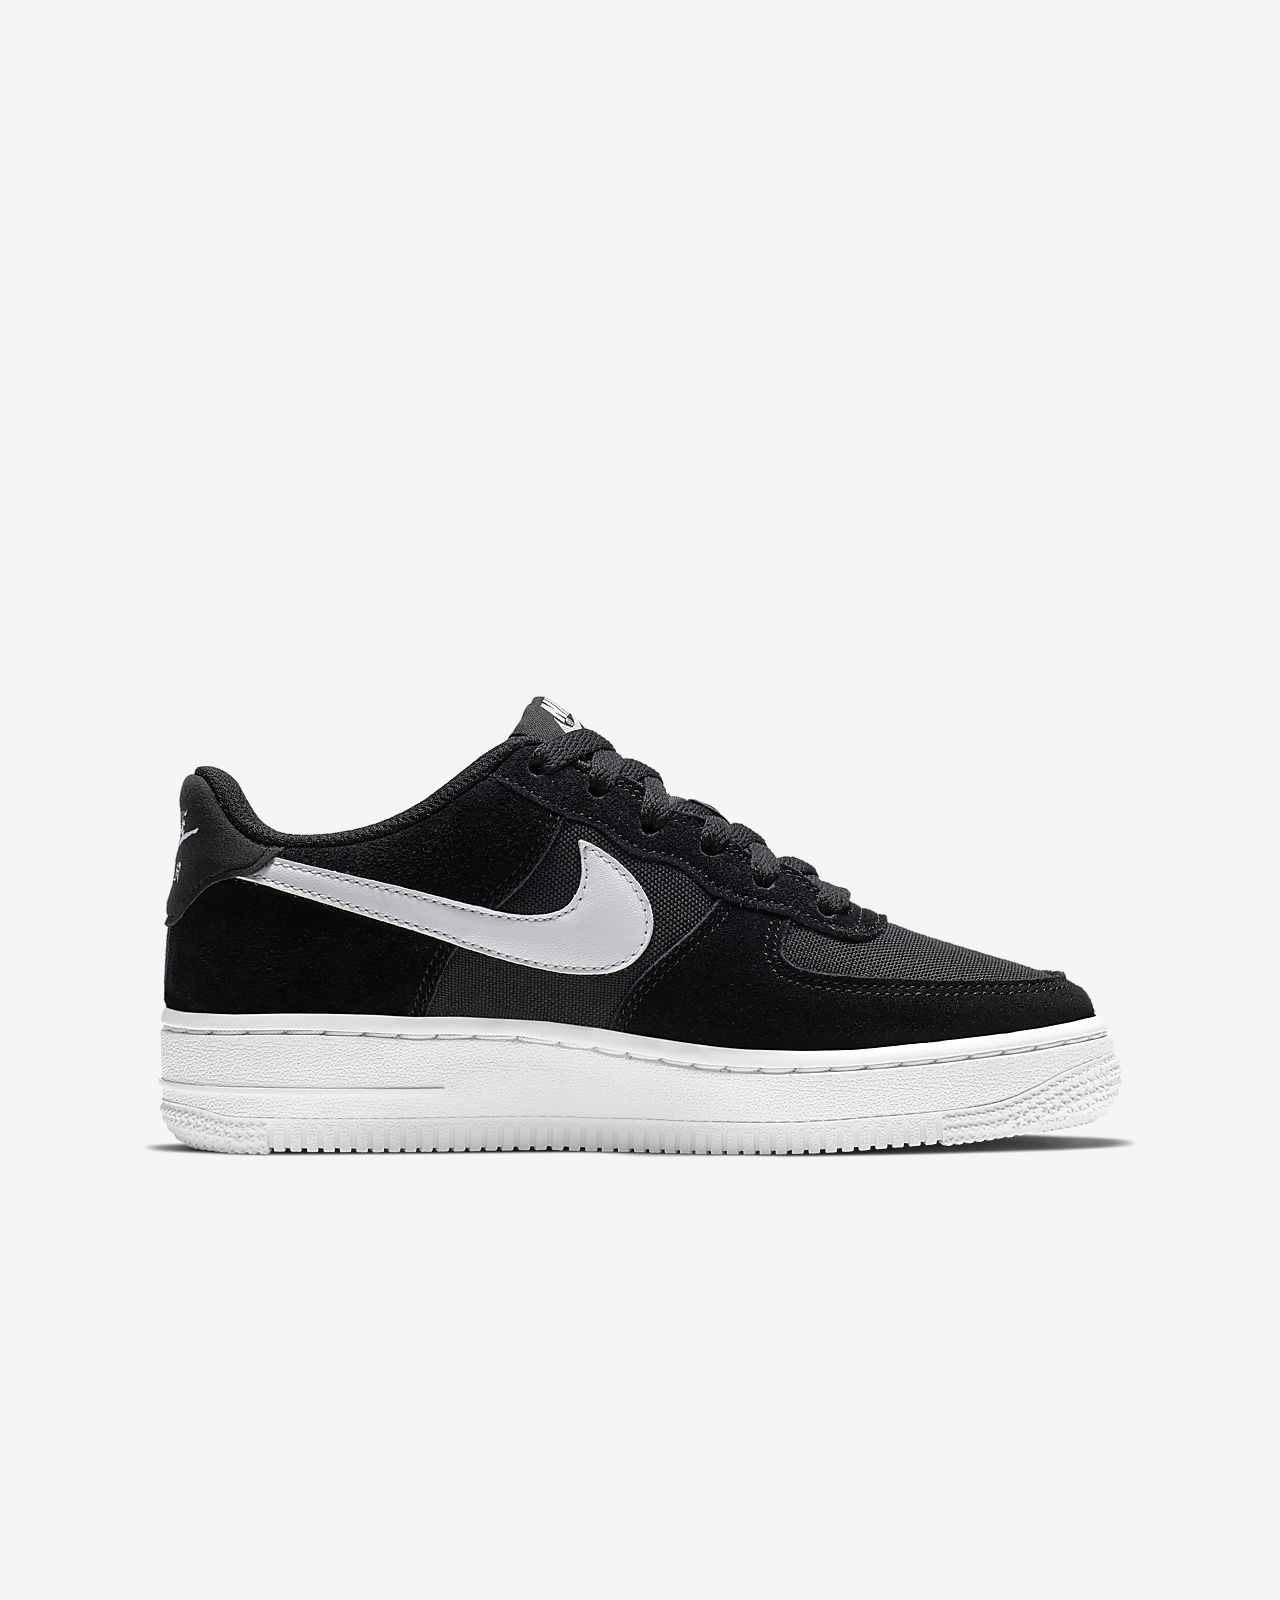 0e9f8335569 Nike Air Force 1 PE Kinderschoen. Nike.com NL